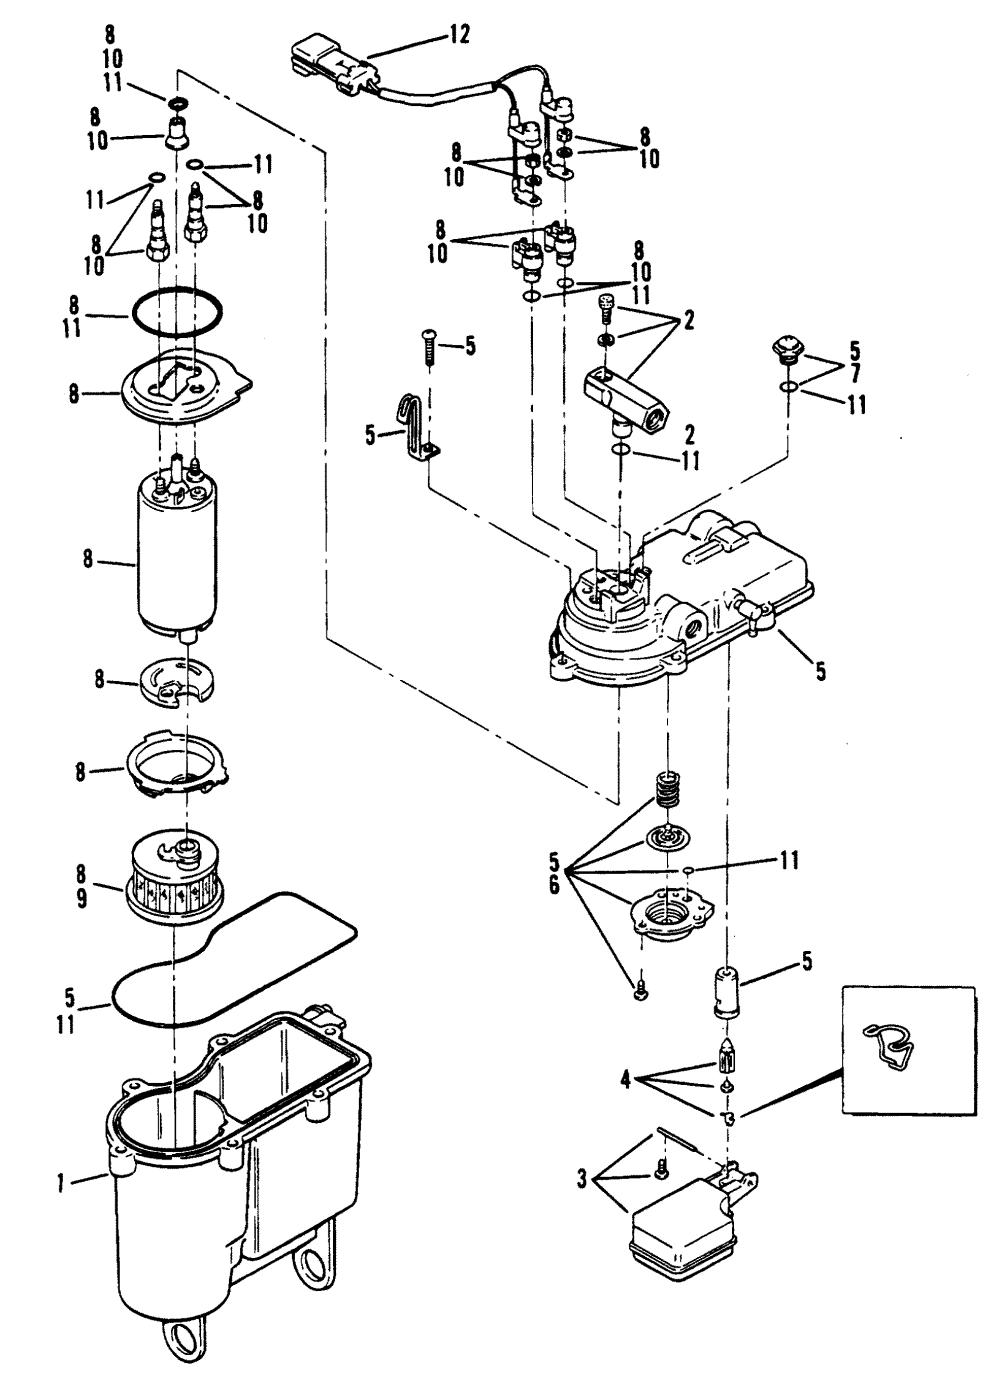 medium resolution of hardin marine vapor separator tank mercruiser 0f415189 thru 0f601999 1995 alternator mando diagram